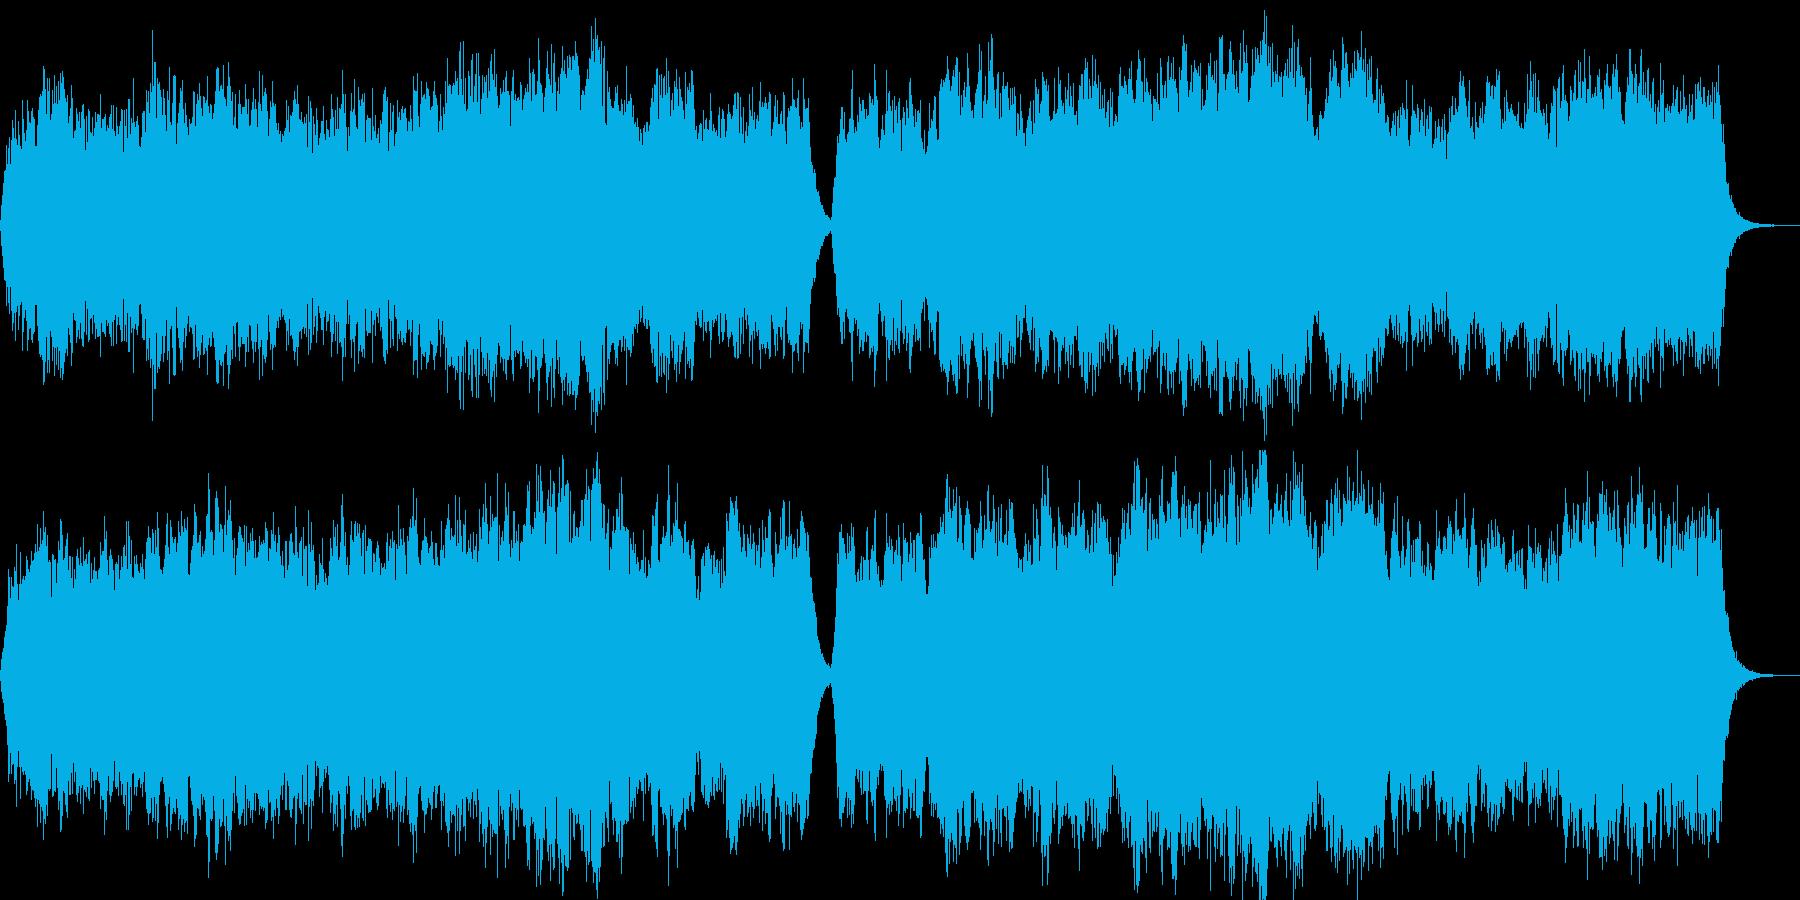 優しい弦楽アンサンブルの再生済みの波形